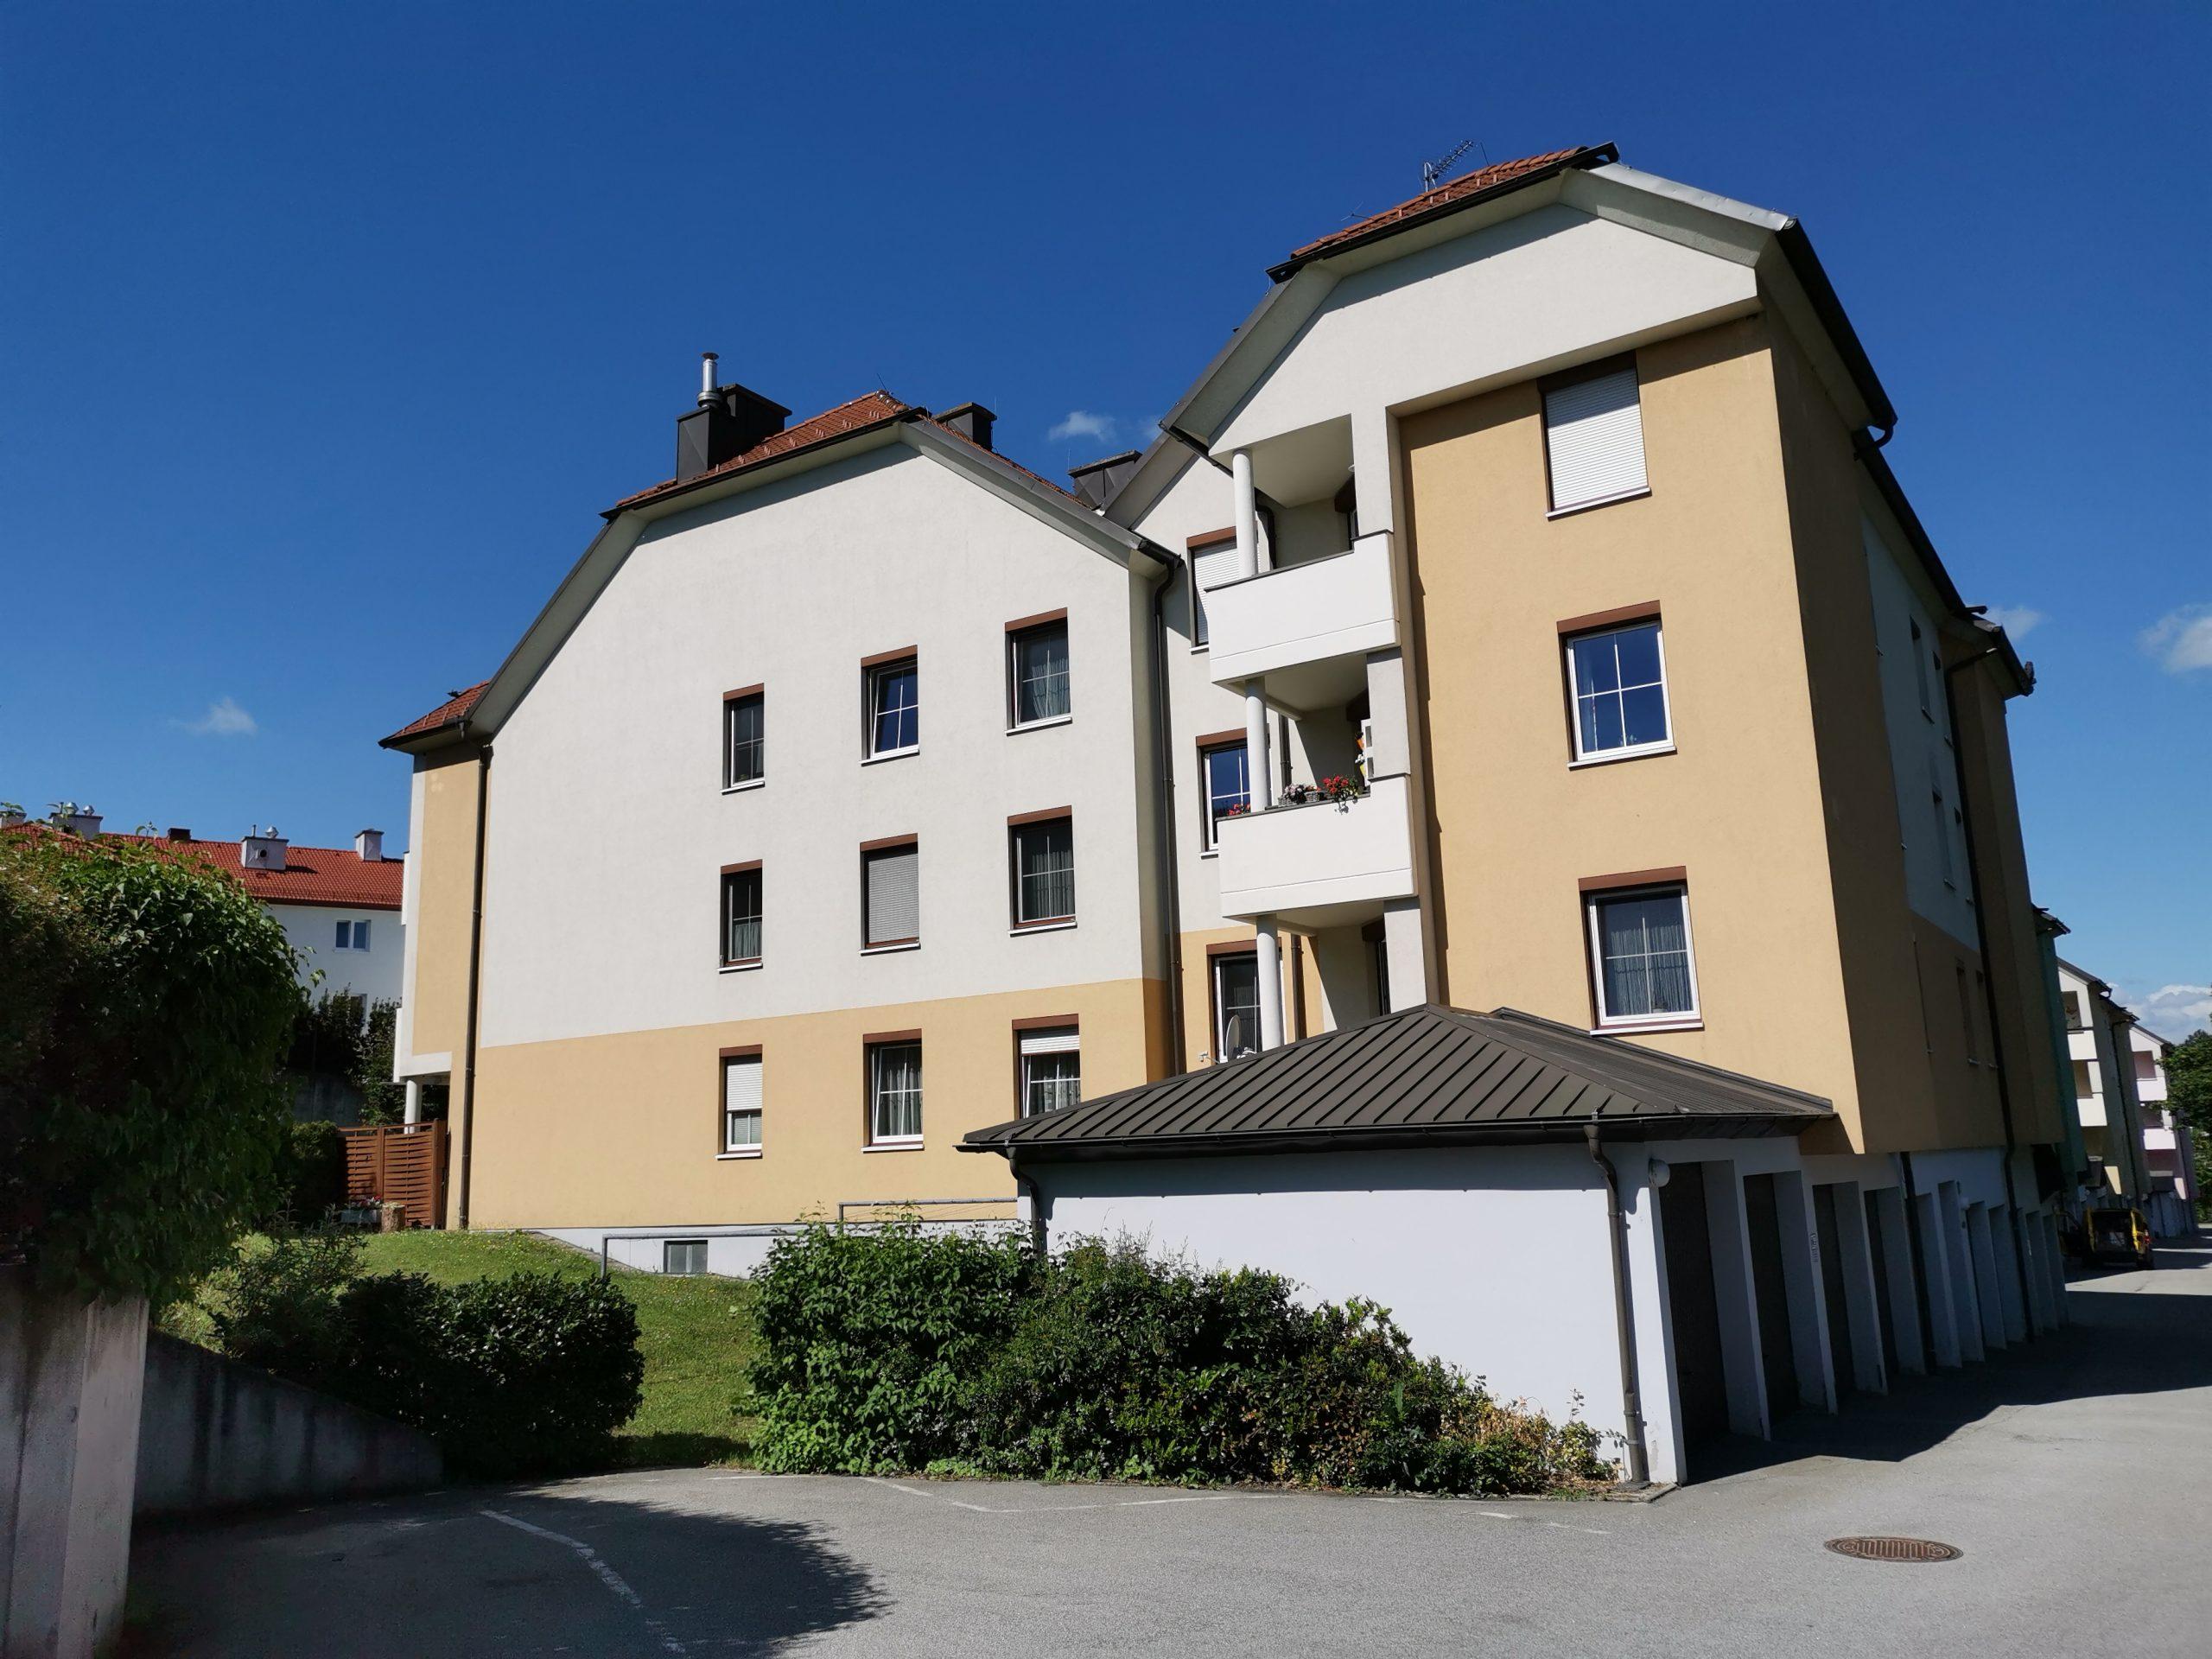 Immobilie von Kamptal in 3730 Eggenburg, Horn, Eggenburg III/4 - Top 5 #1